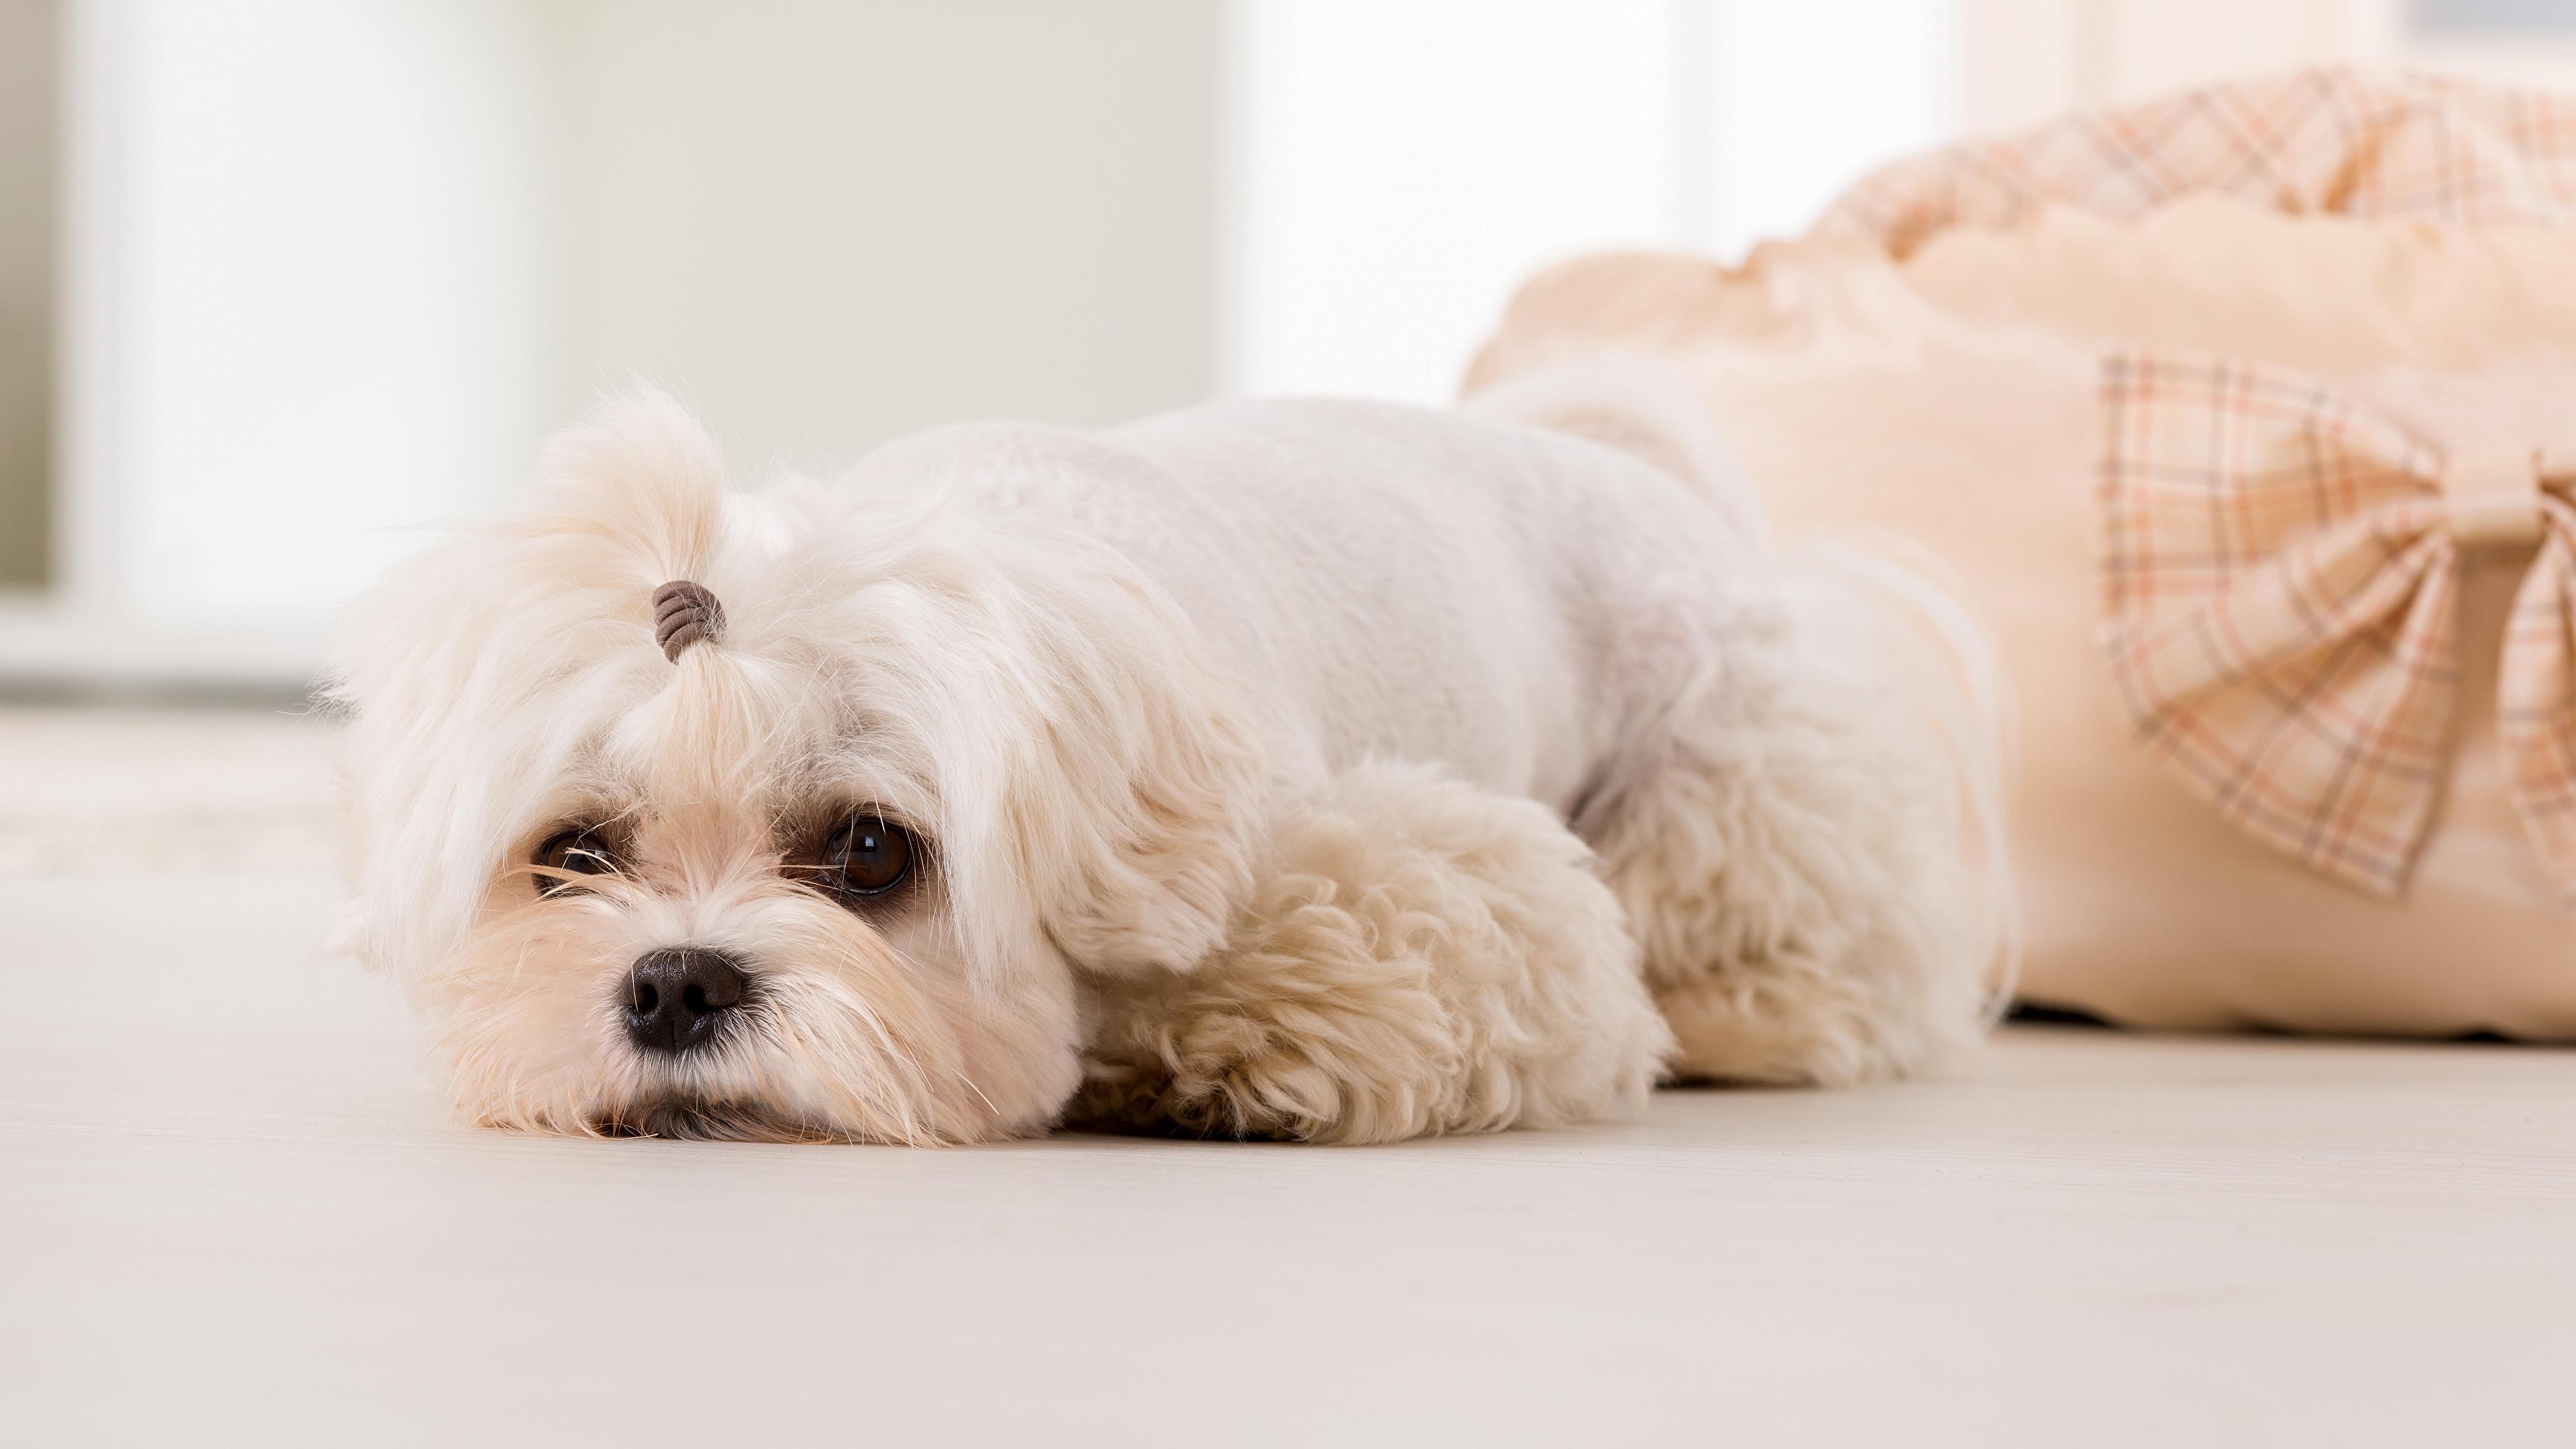 Длинные волосы собаки требуют тщательного ухода